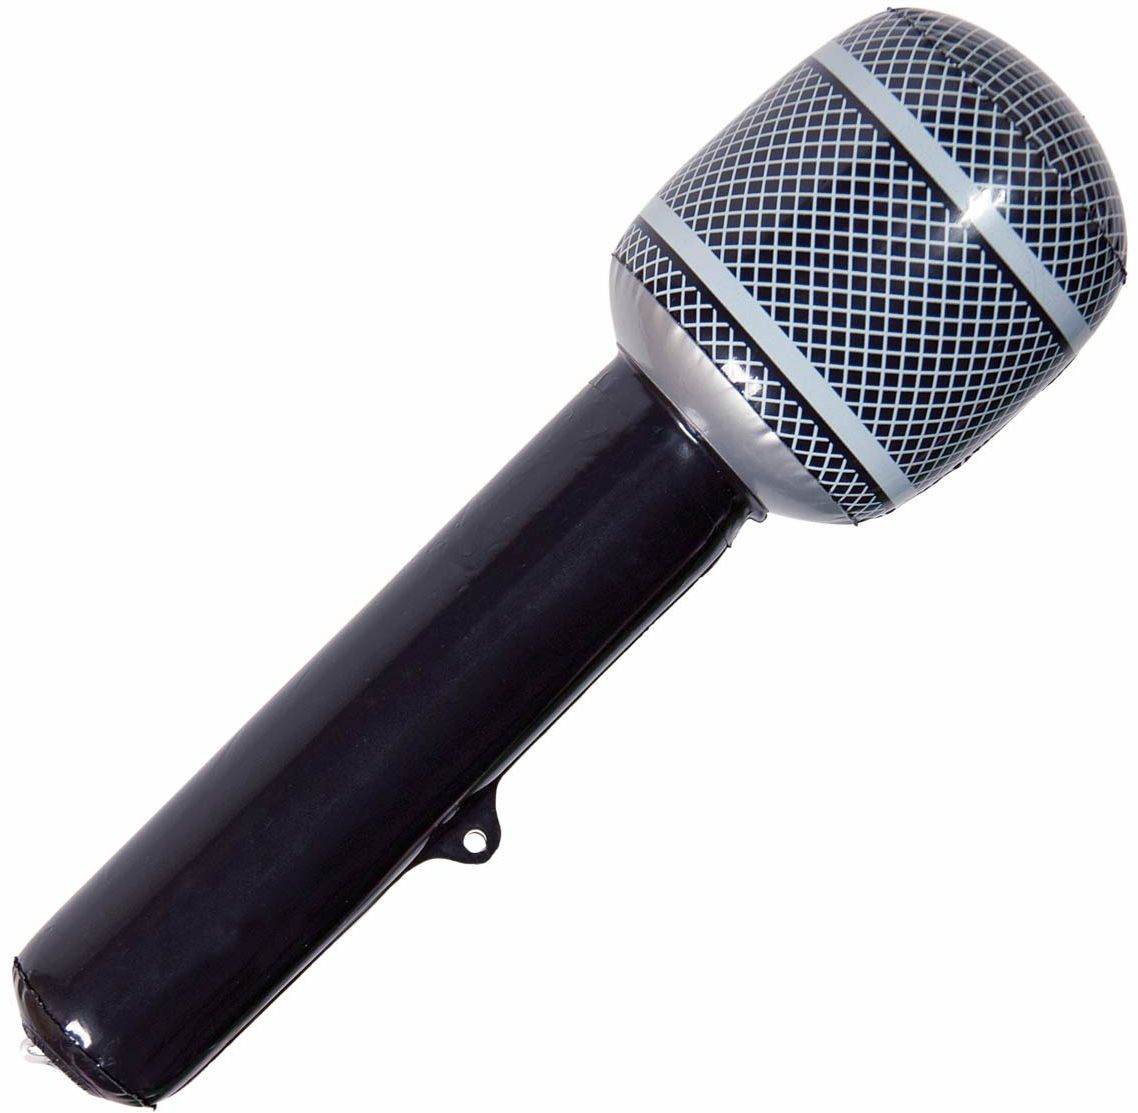 Creative 21592 nadmuchiwany mikrofon czarny